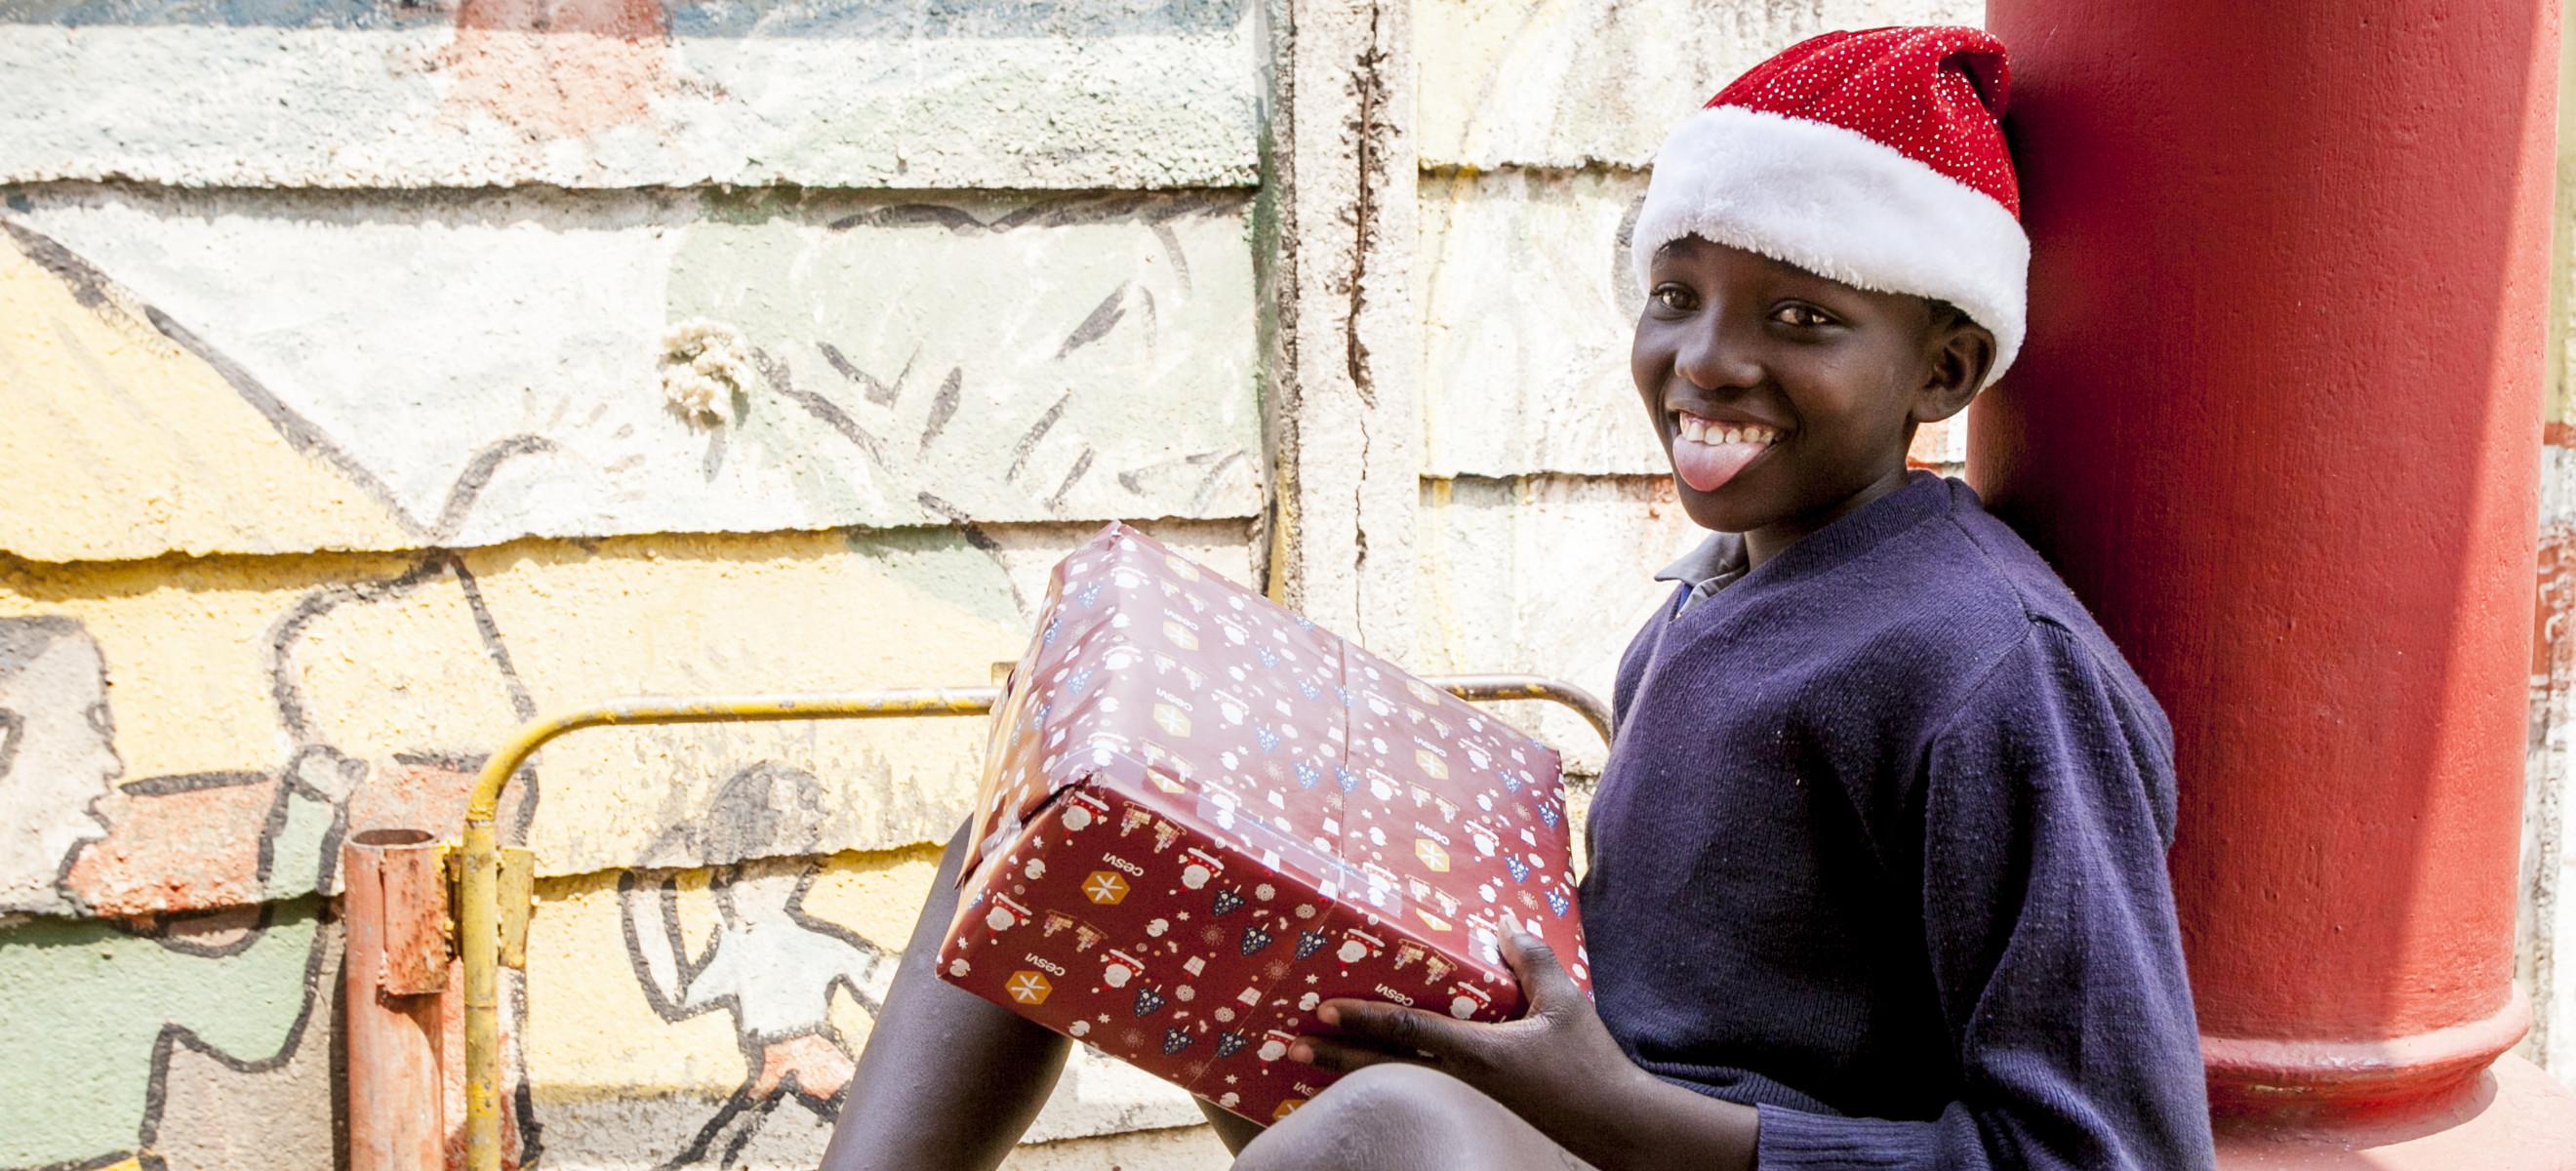 idee regali di natale, regali di natale originali